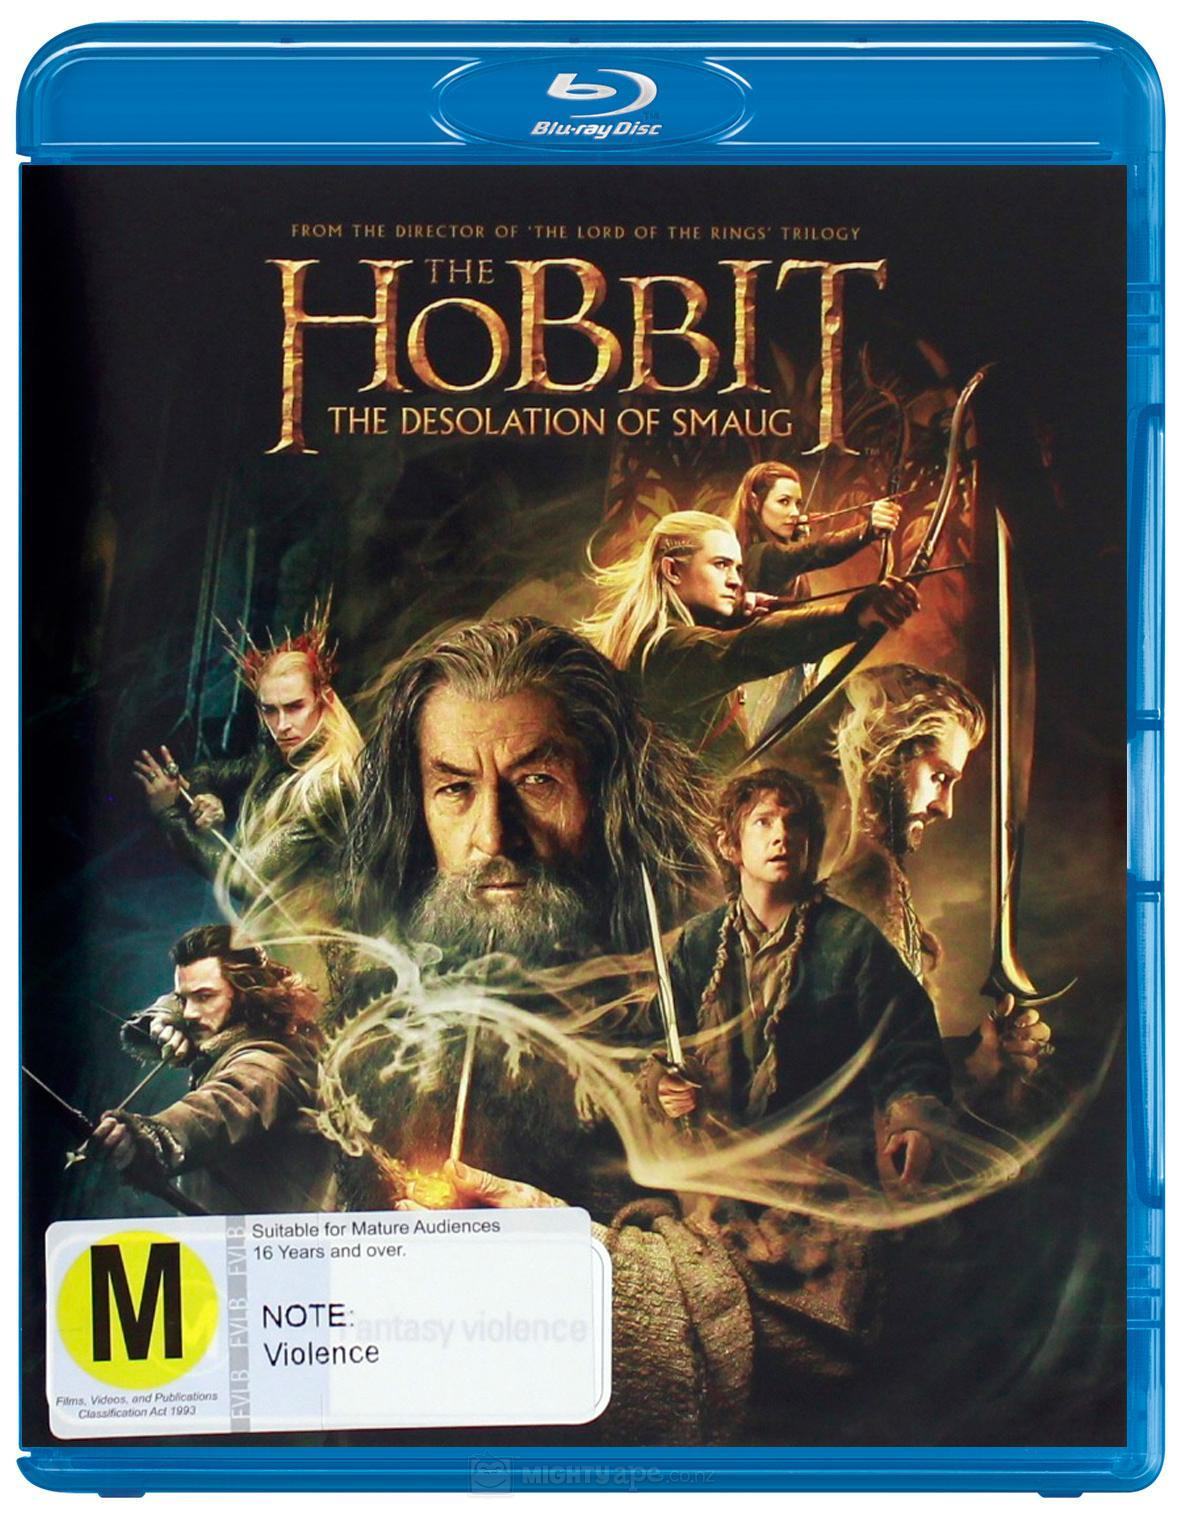 The Hobbit: The Desolation of Smaug on Blu-ray image